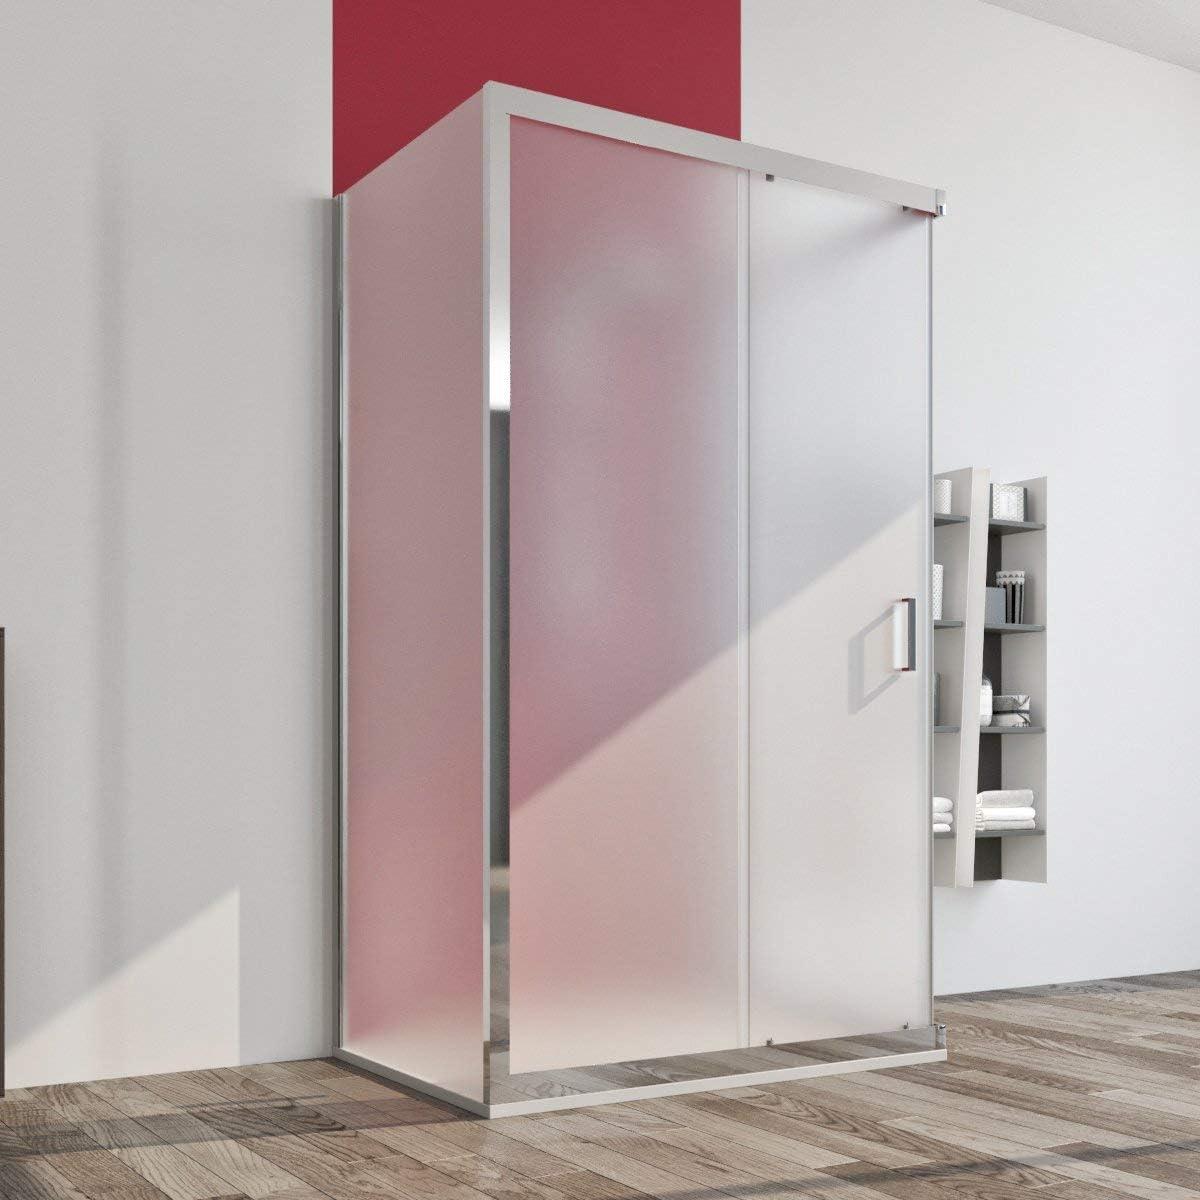 Cabina de ducha 3 lados 75 x 75 x 75 cm puerta corredera cristal antical mate 6 mm. Palma: Amazon.es: Bricolaje y herramientas